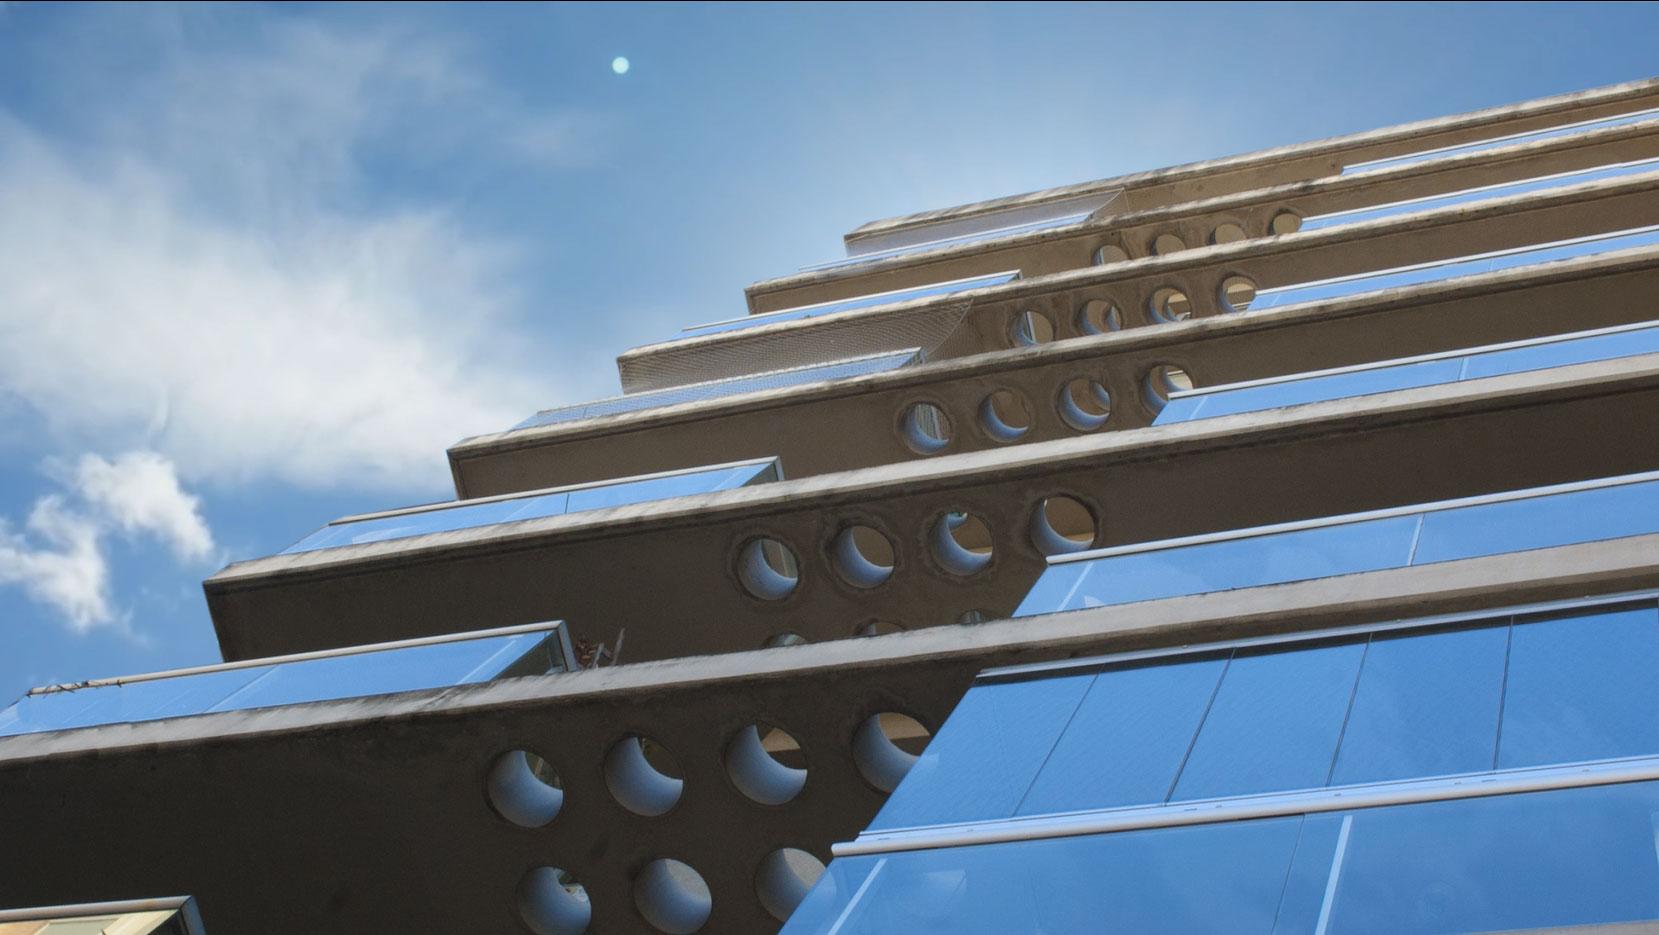 Nómada invierte u$s 27,5 M para construir oficinas premium en Palermo